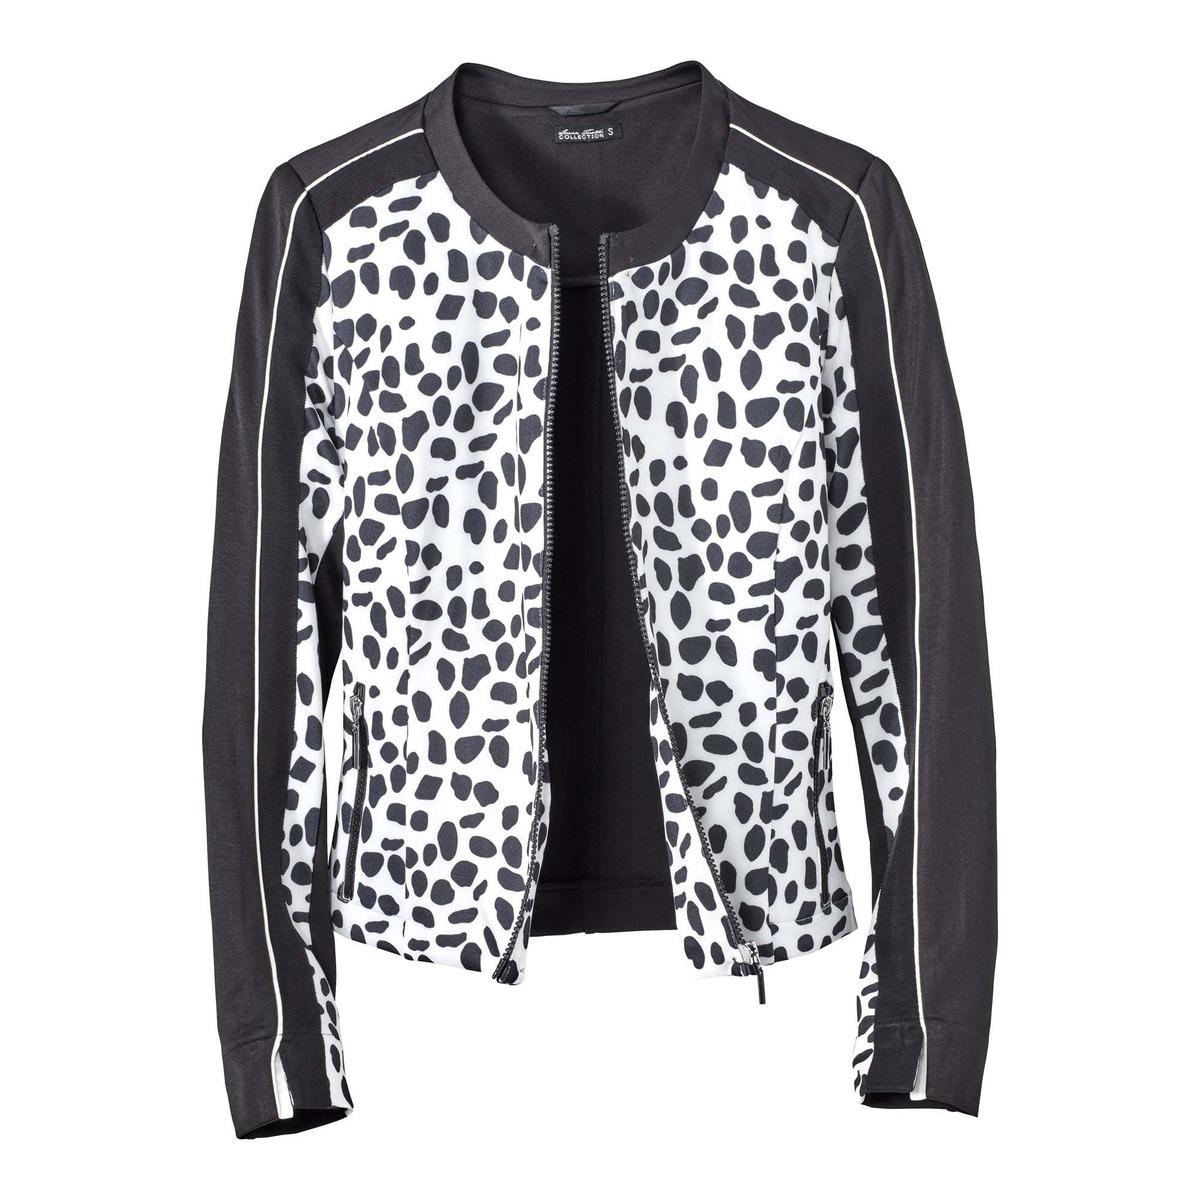 Bild 3 von Damen-Jacke in Schwarz-Weiß-Optik